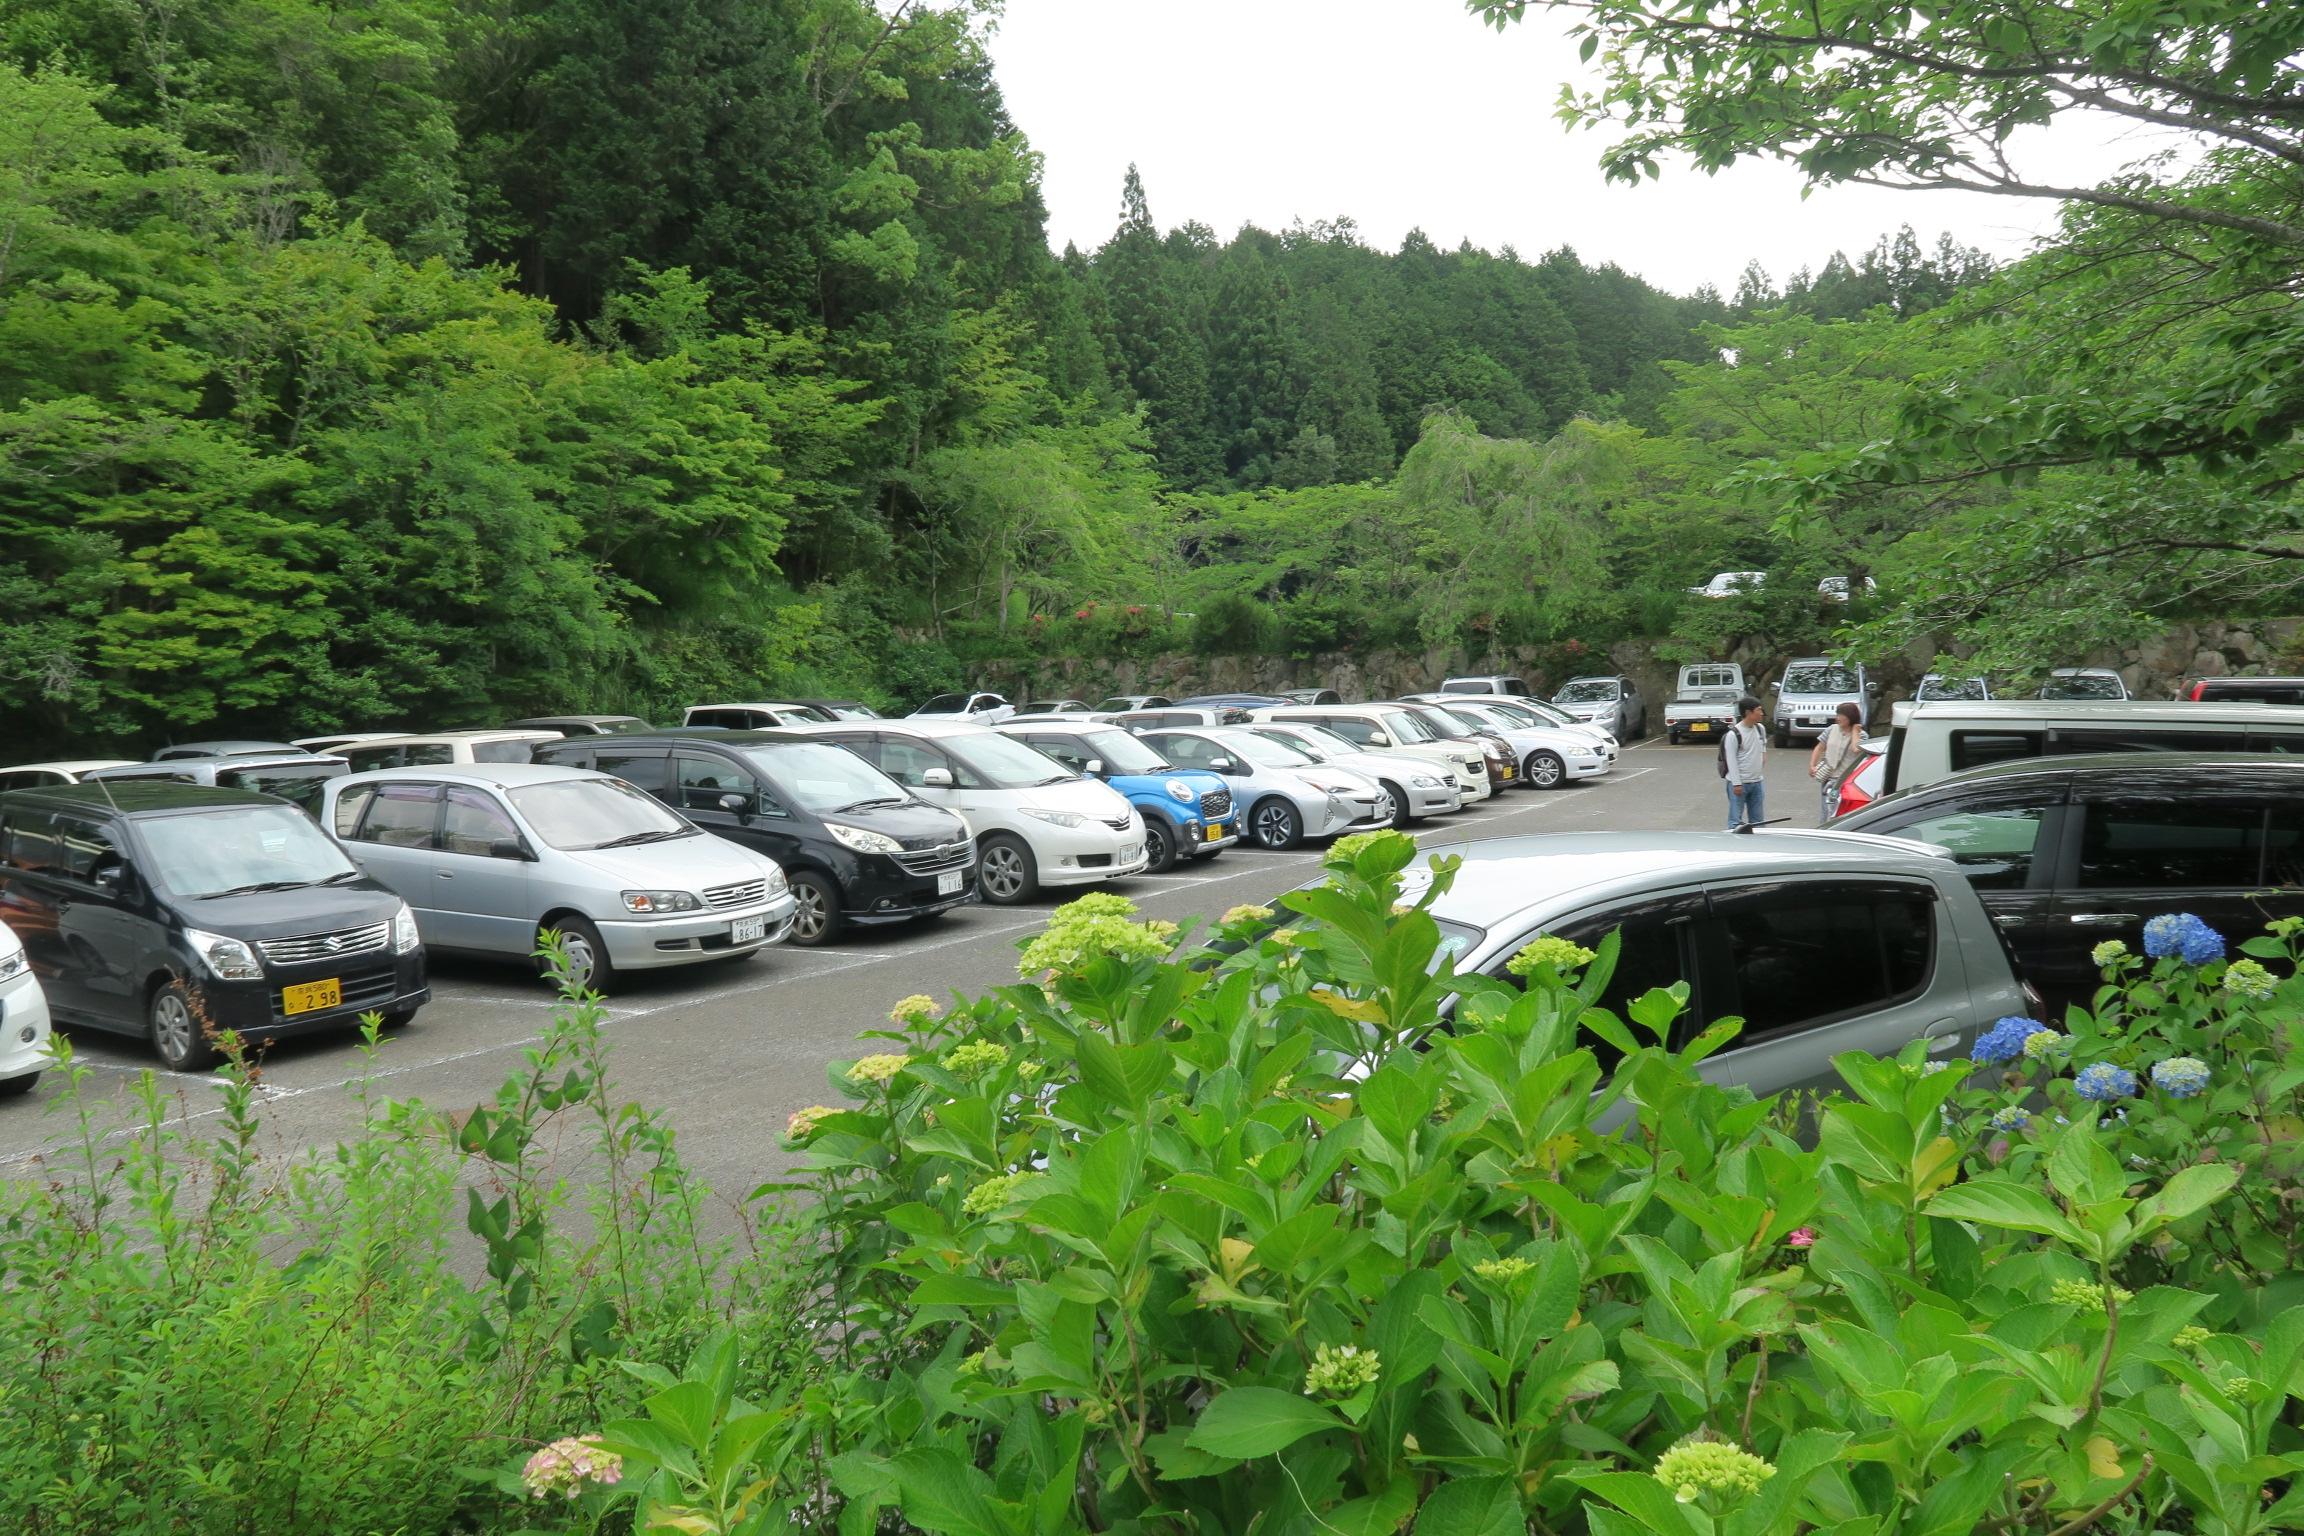 帰る頃には駐車場もいっぱいでした。観光バスも沢山停まってました。